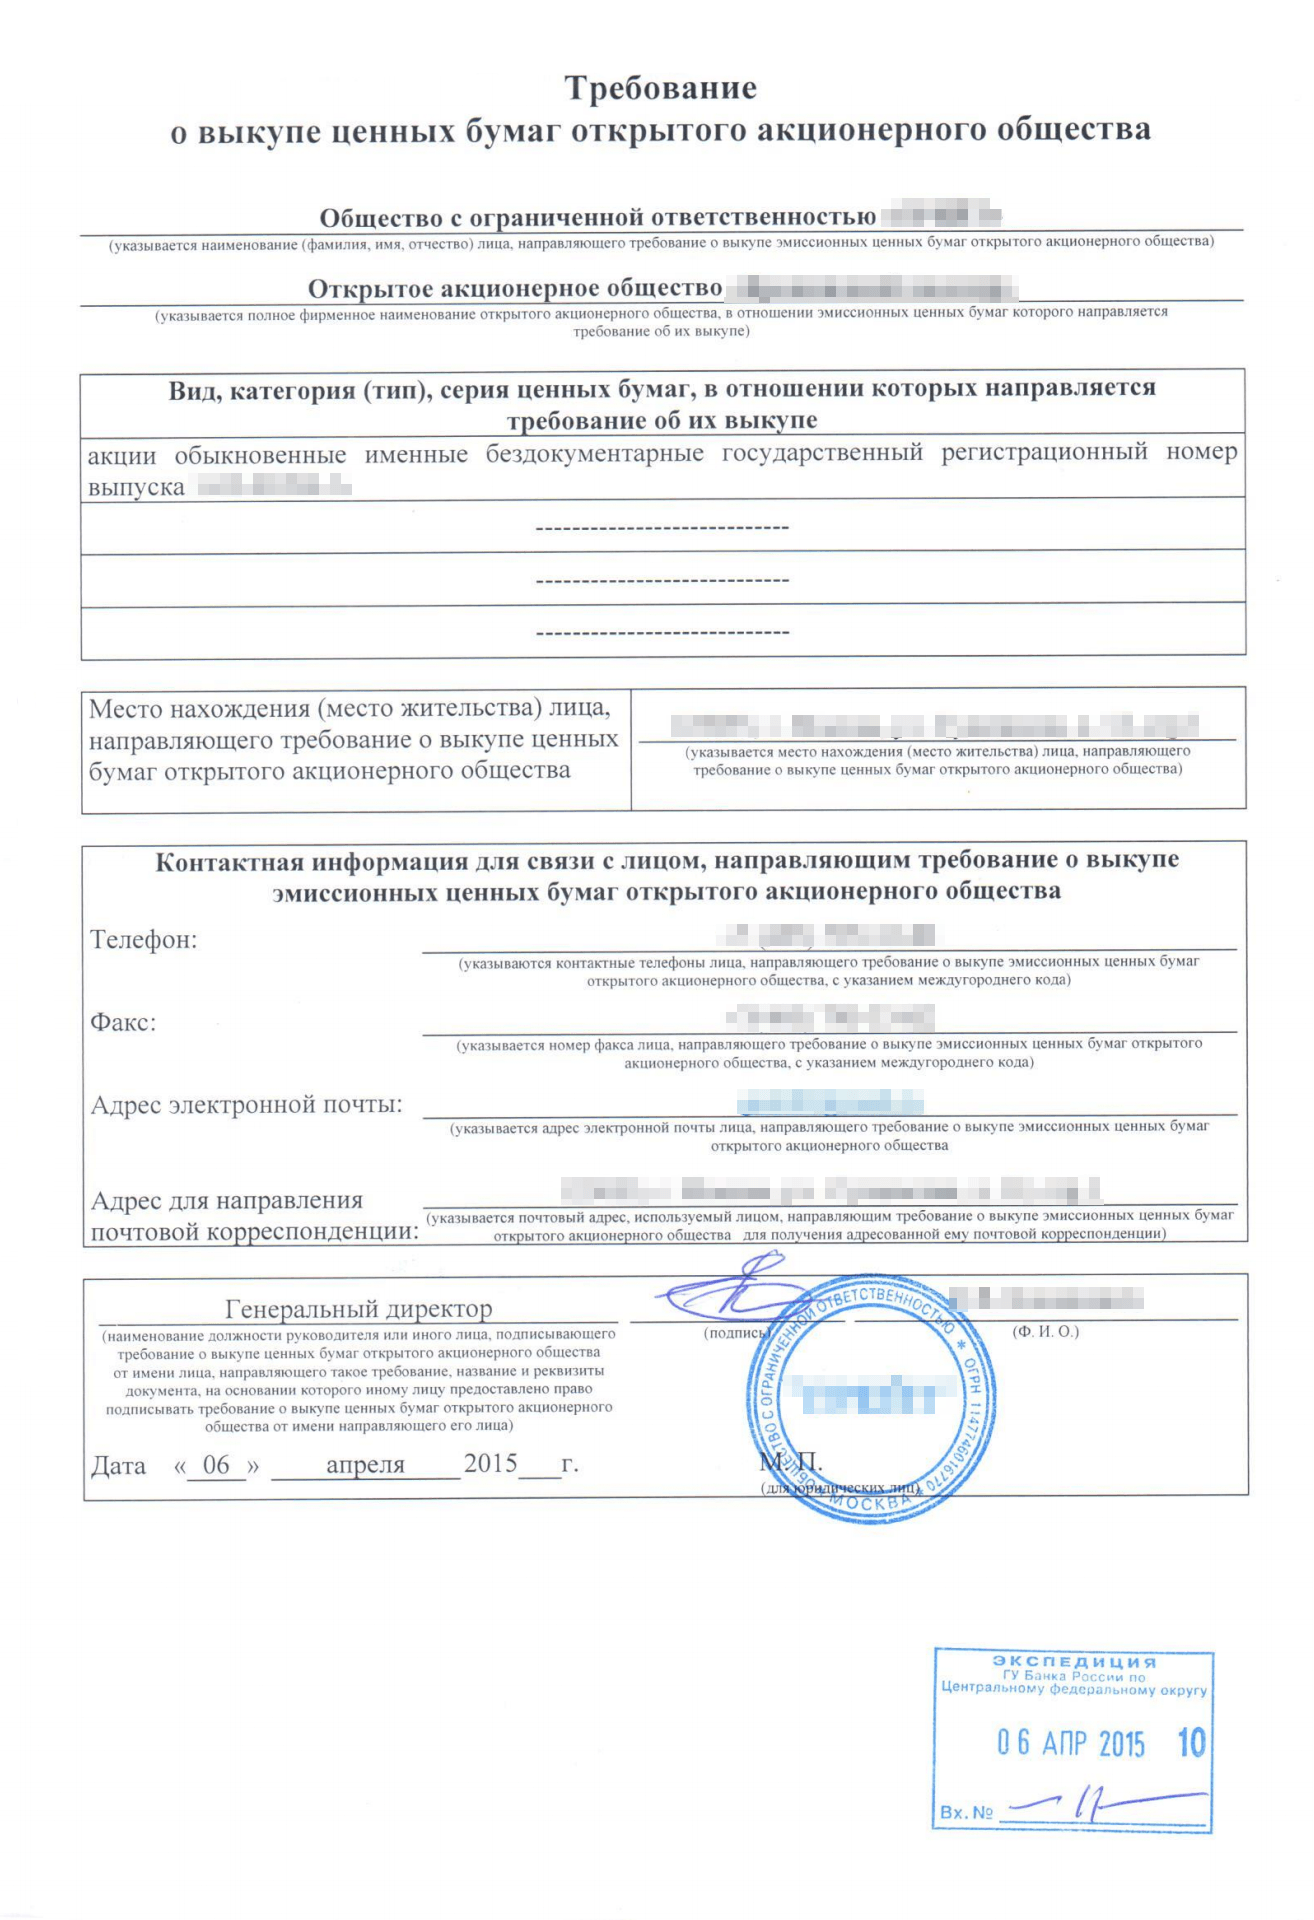 Первая страница требования о выкупе акций ОАО«Бронницкий ювелир»